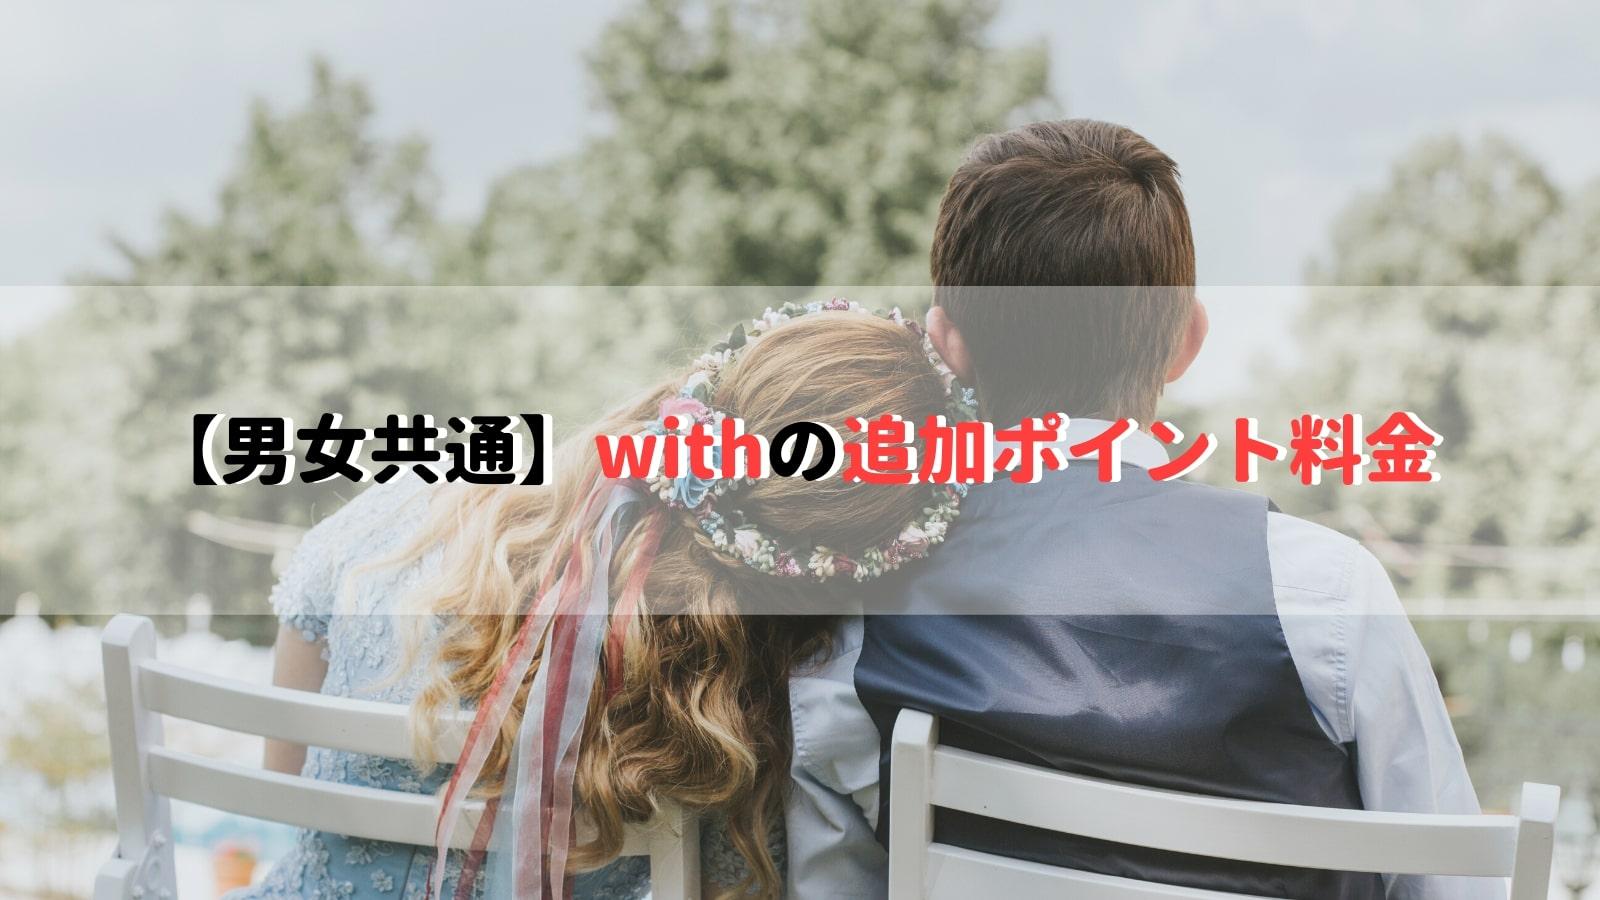 【男女共通】withの追加ポイント料金